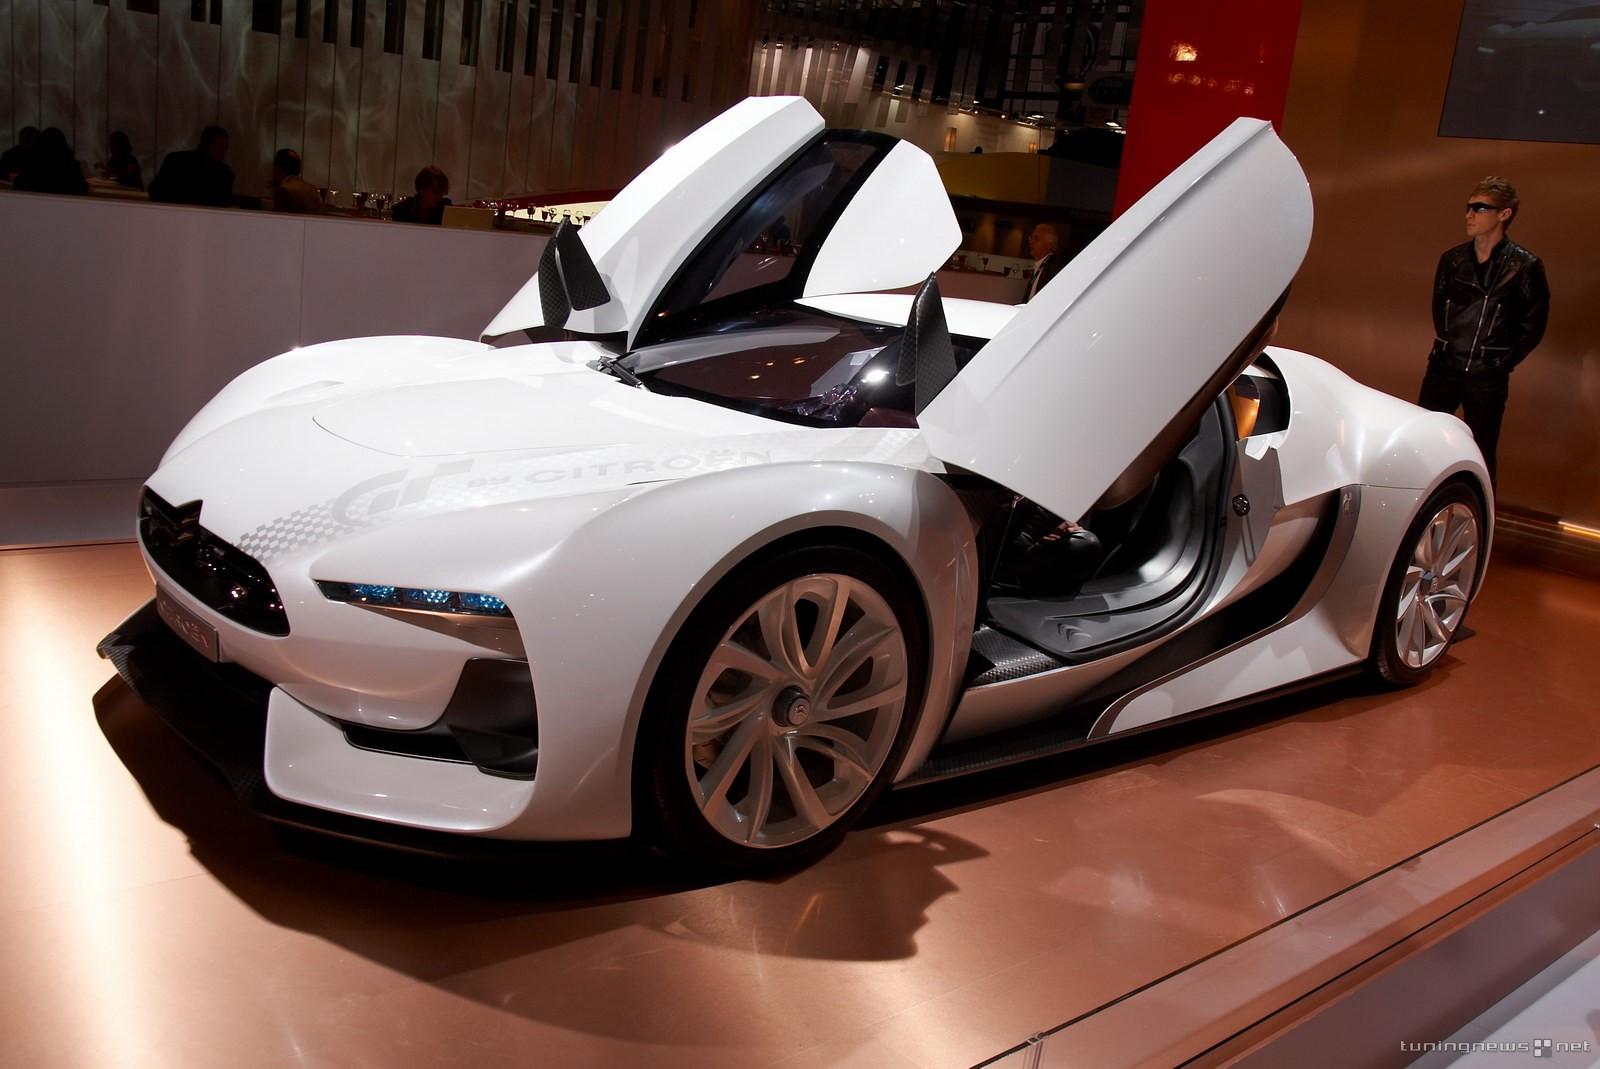 new cars models citroen gt concept sports car. Black Bedroom Furniture Sets. Home Design Ideas